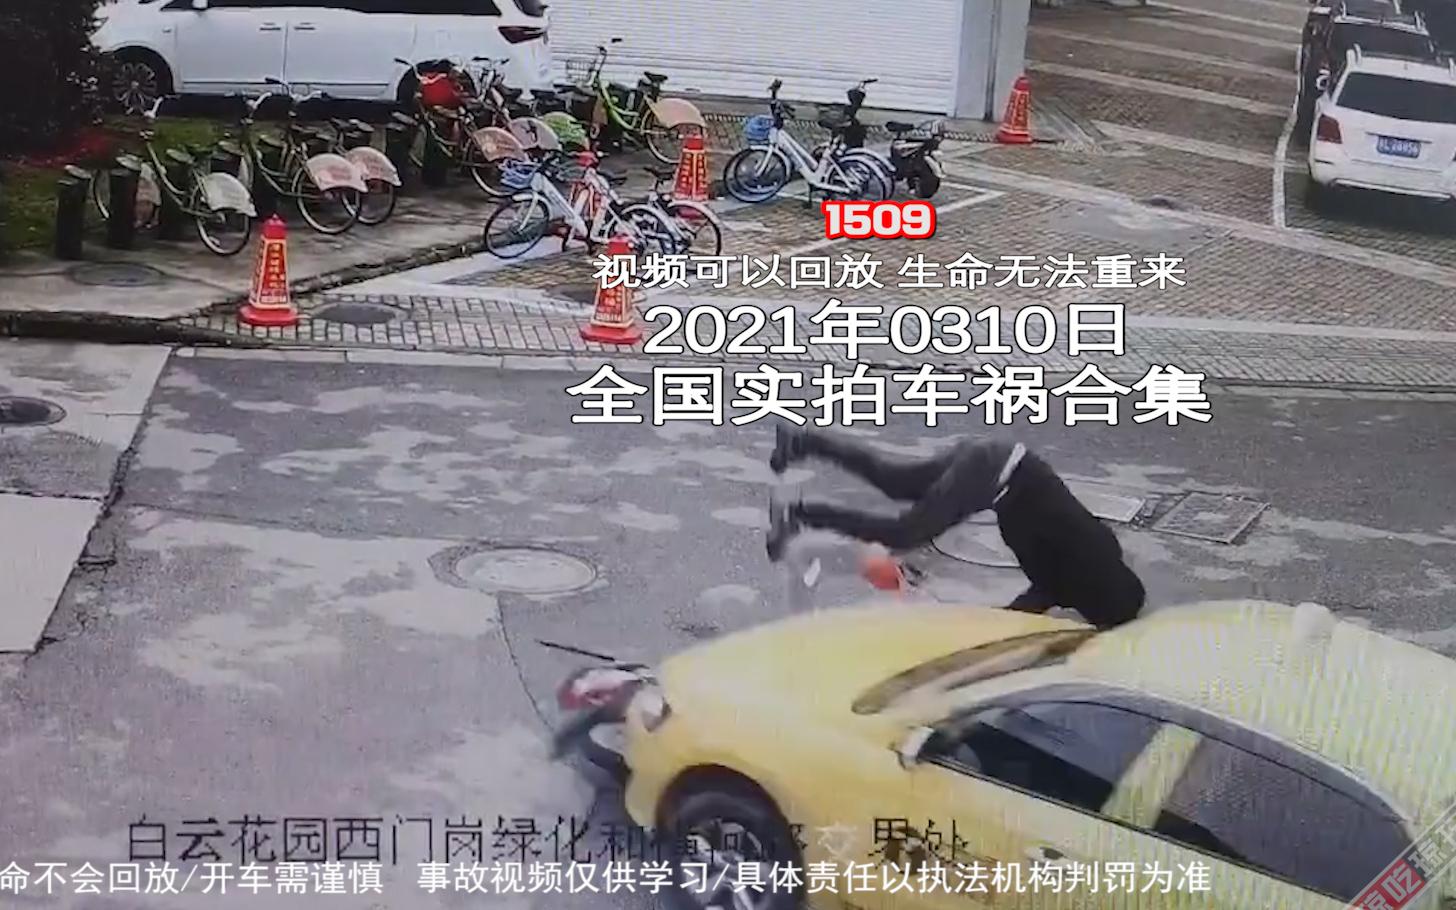 1509期:小车高速路撞塌路牌,后车见状赶紧下车救人【20210310全国车祸合集】